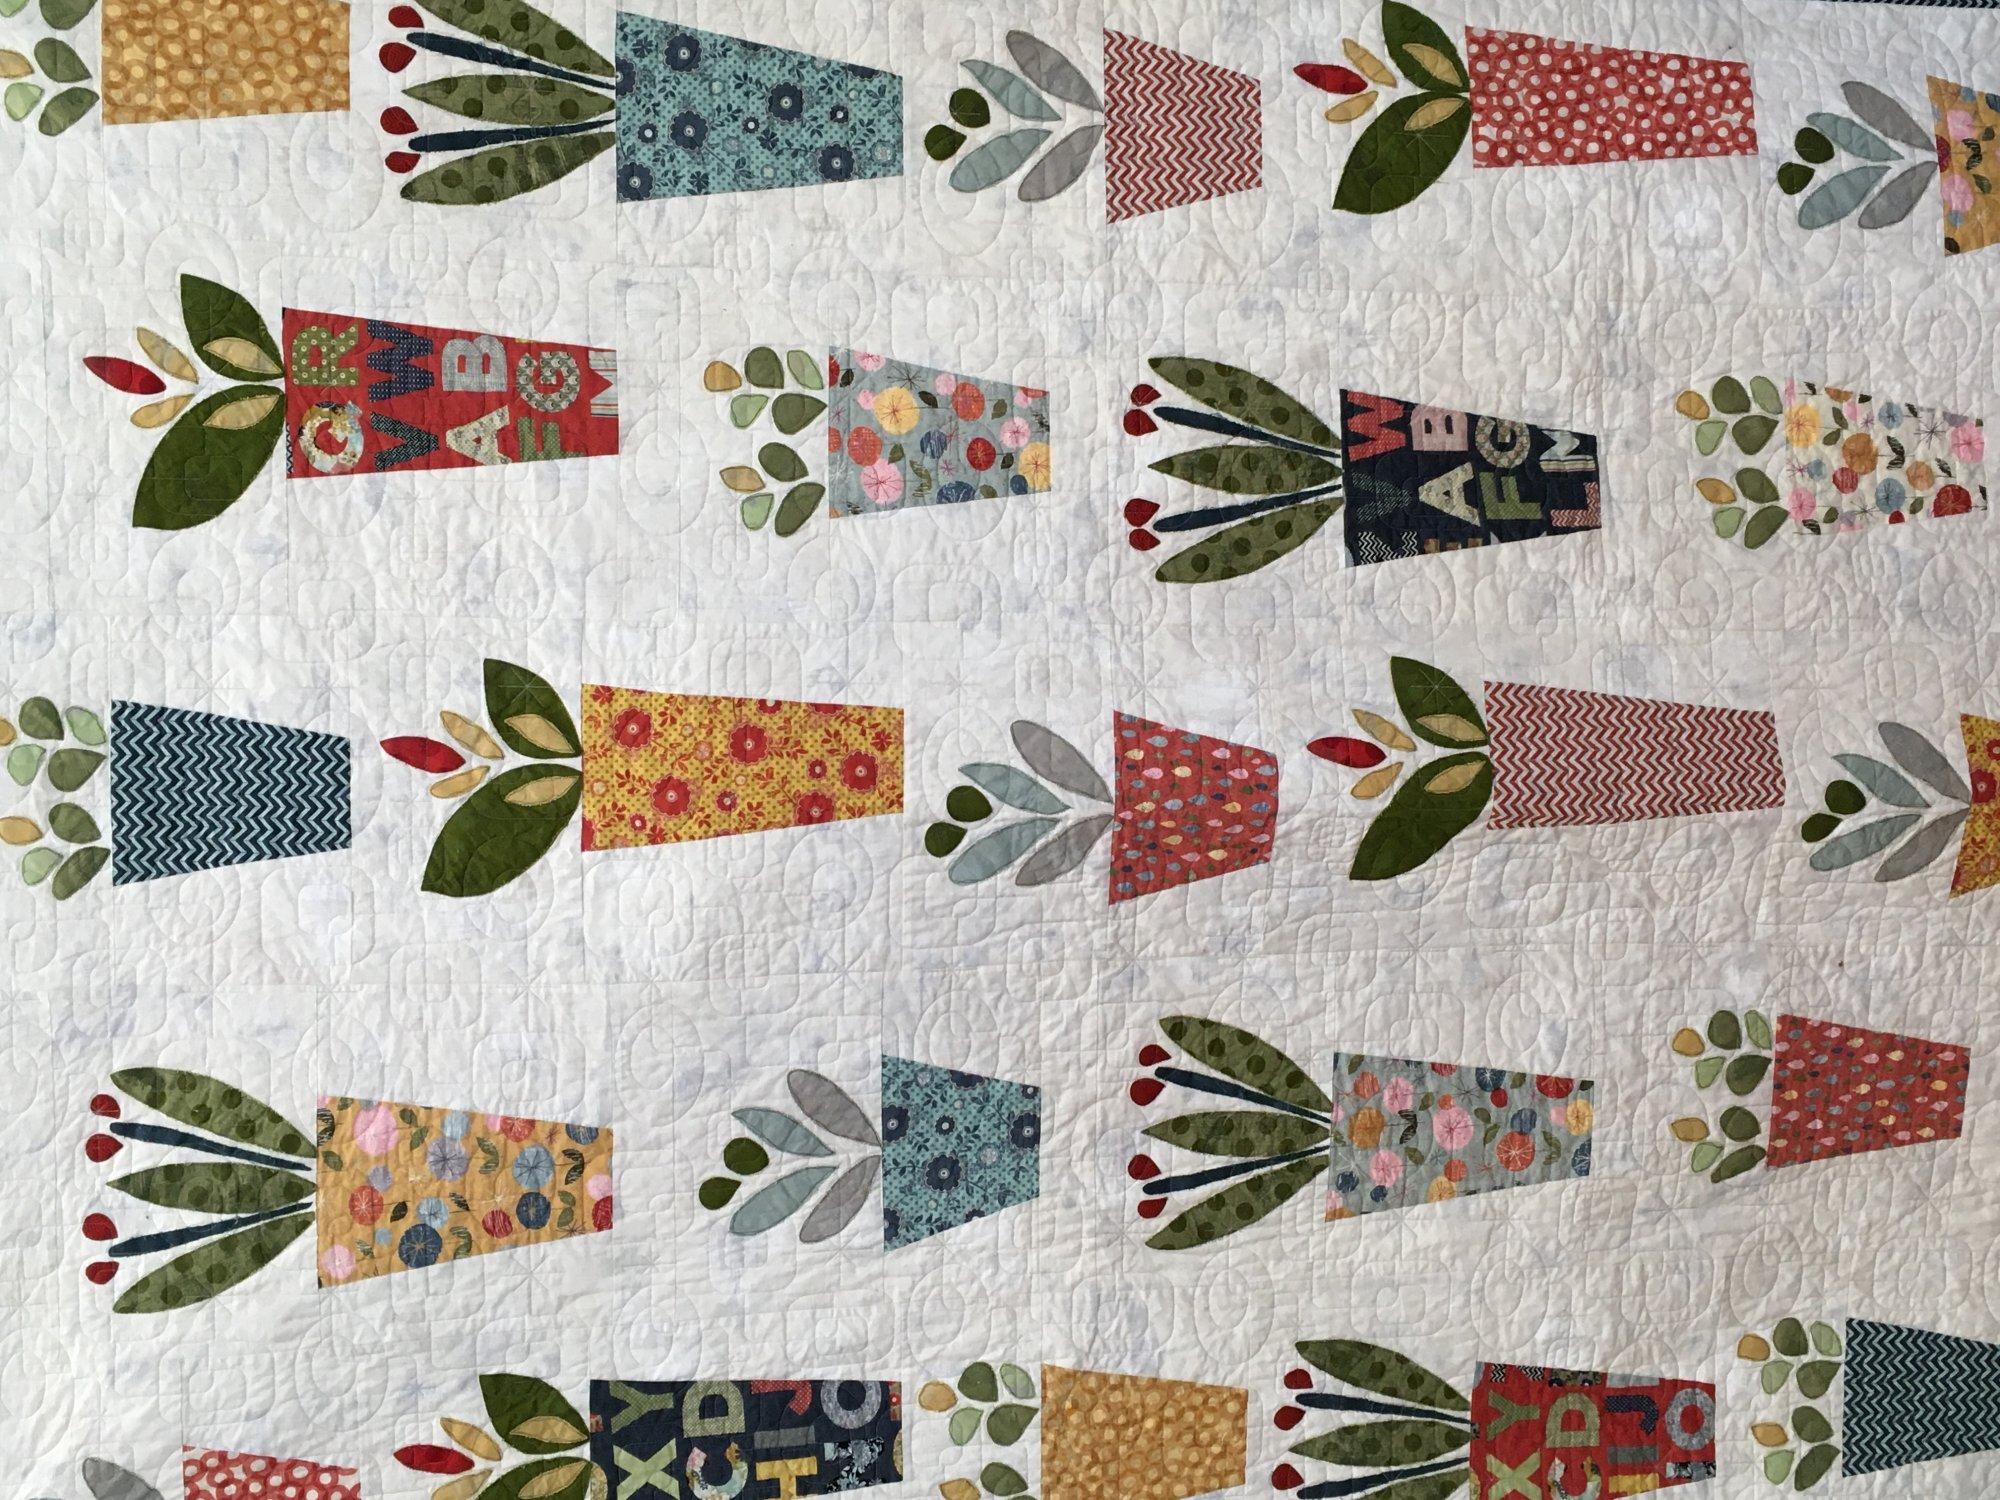 Rosemary & Thyme Quilt Kit